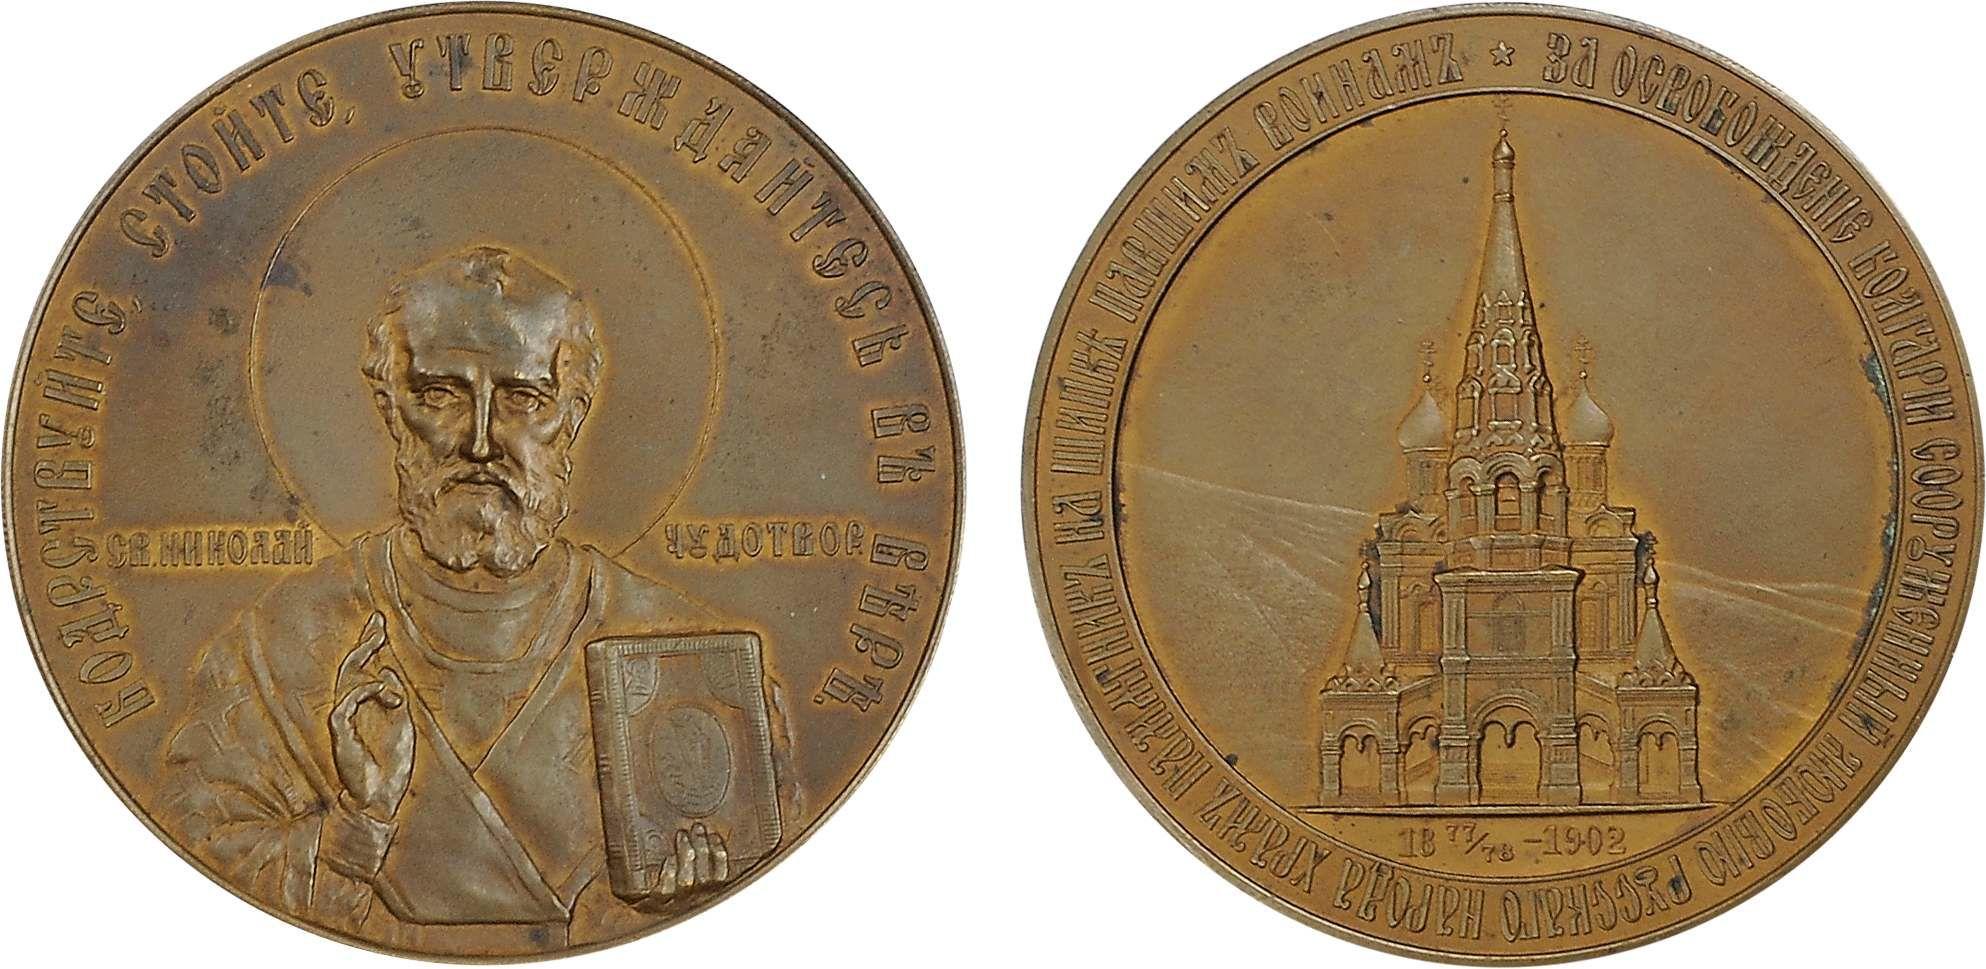 Настольная медаль «В память сооружения памятника-храма погибшим воинам на Шипке. 1902 г.»